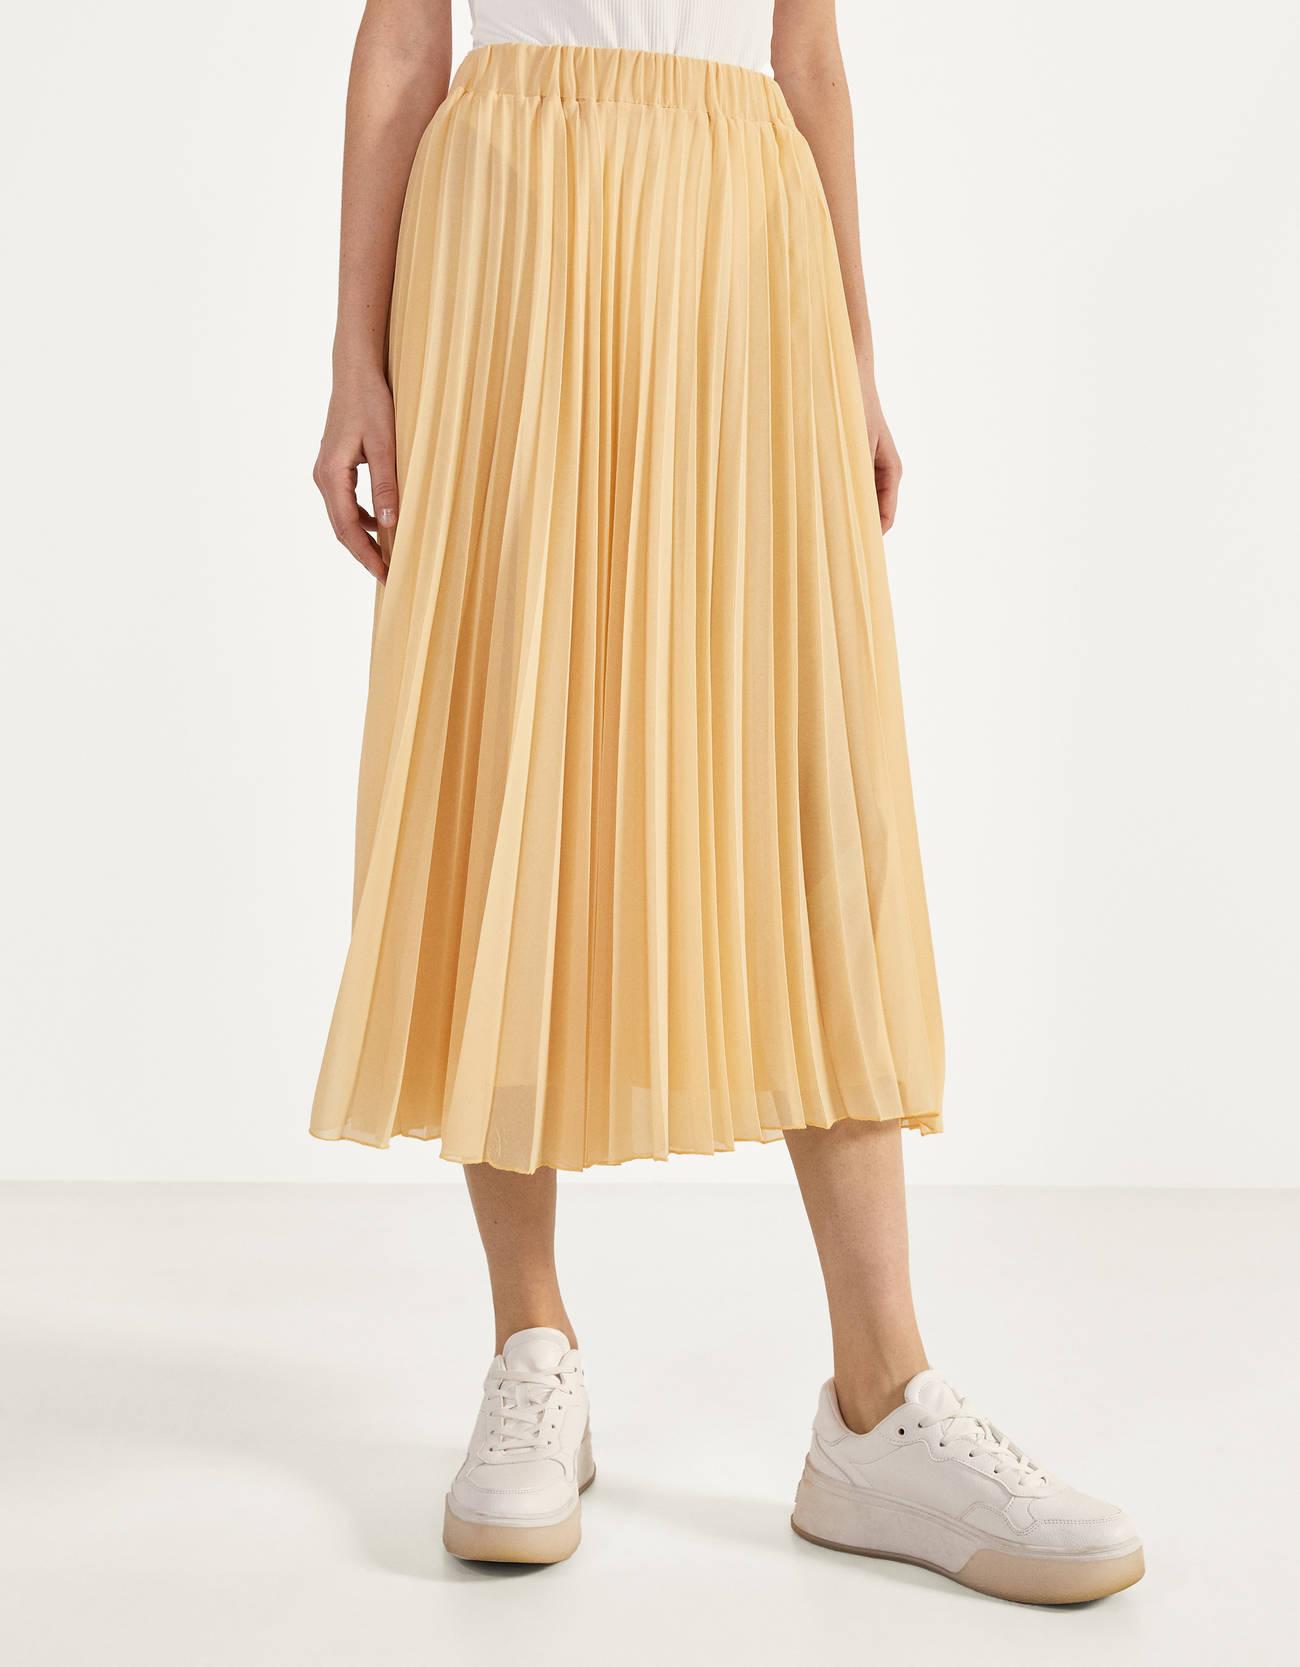 Falda midi plisada en beige